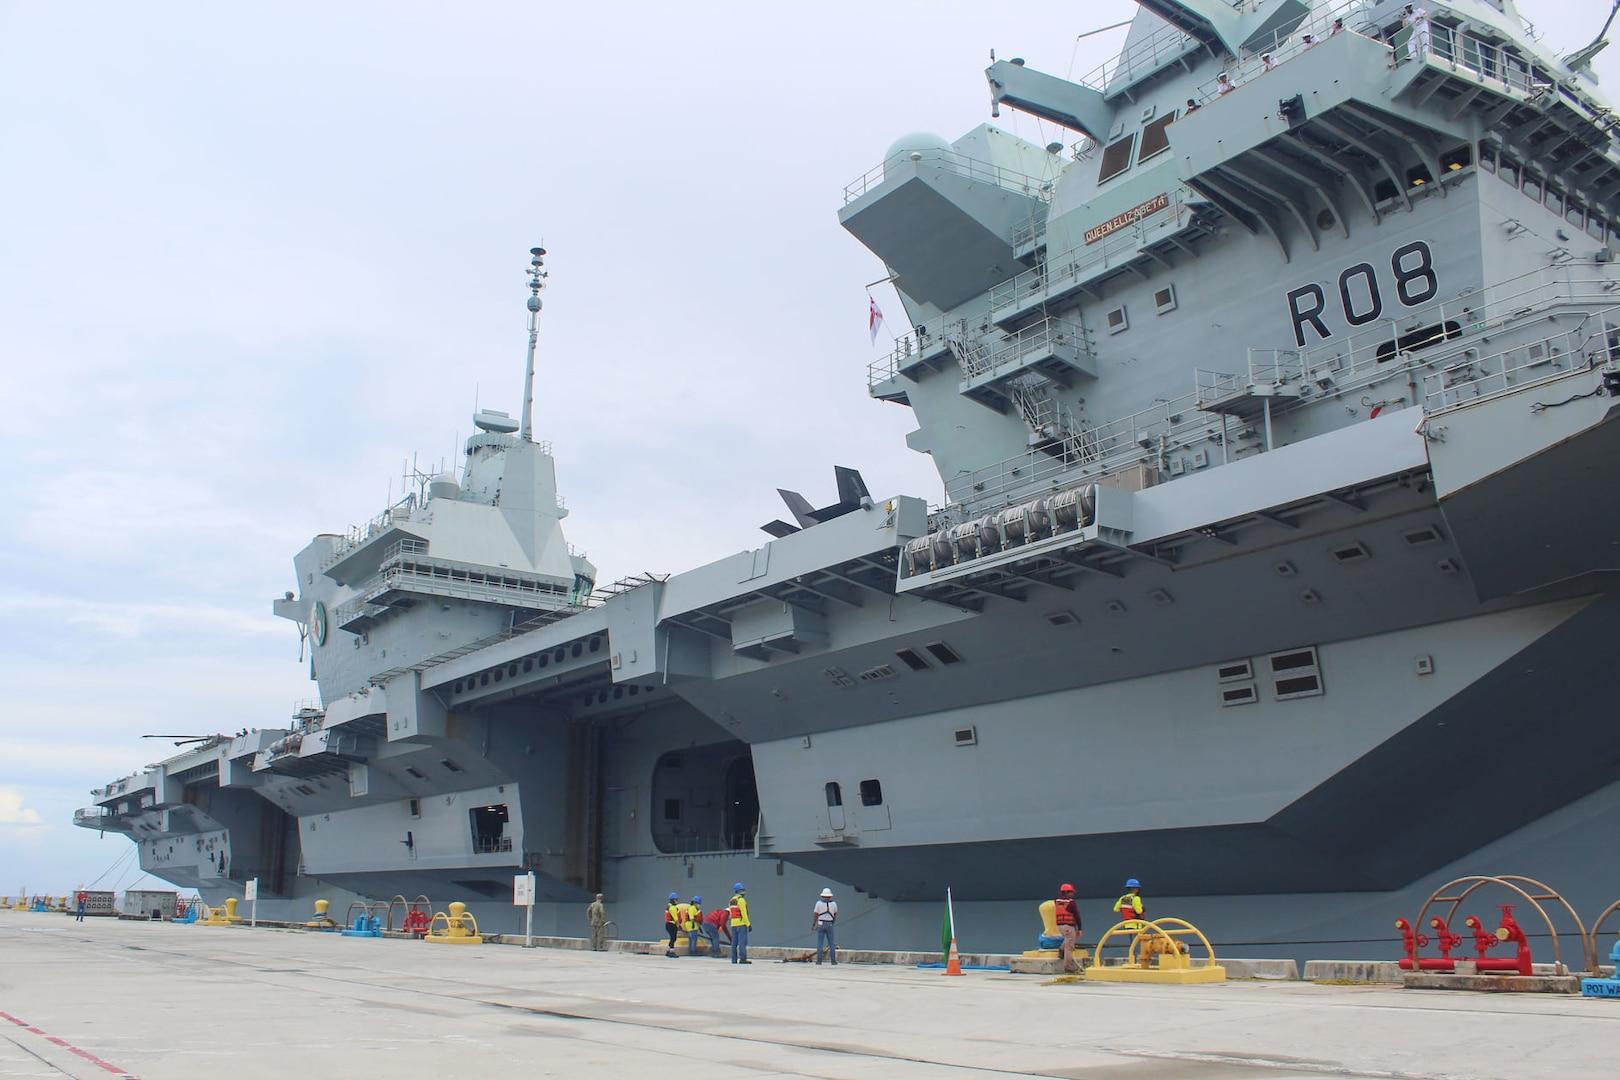 U.K. Carrier Strike Group visits Guam, highlights global partnerships